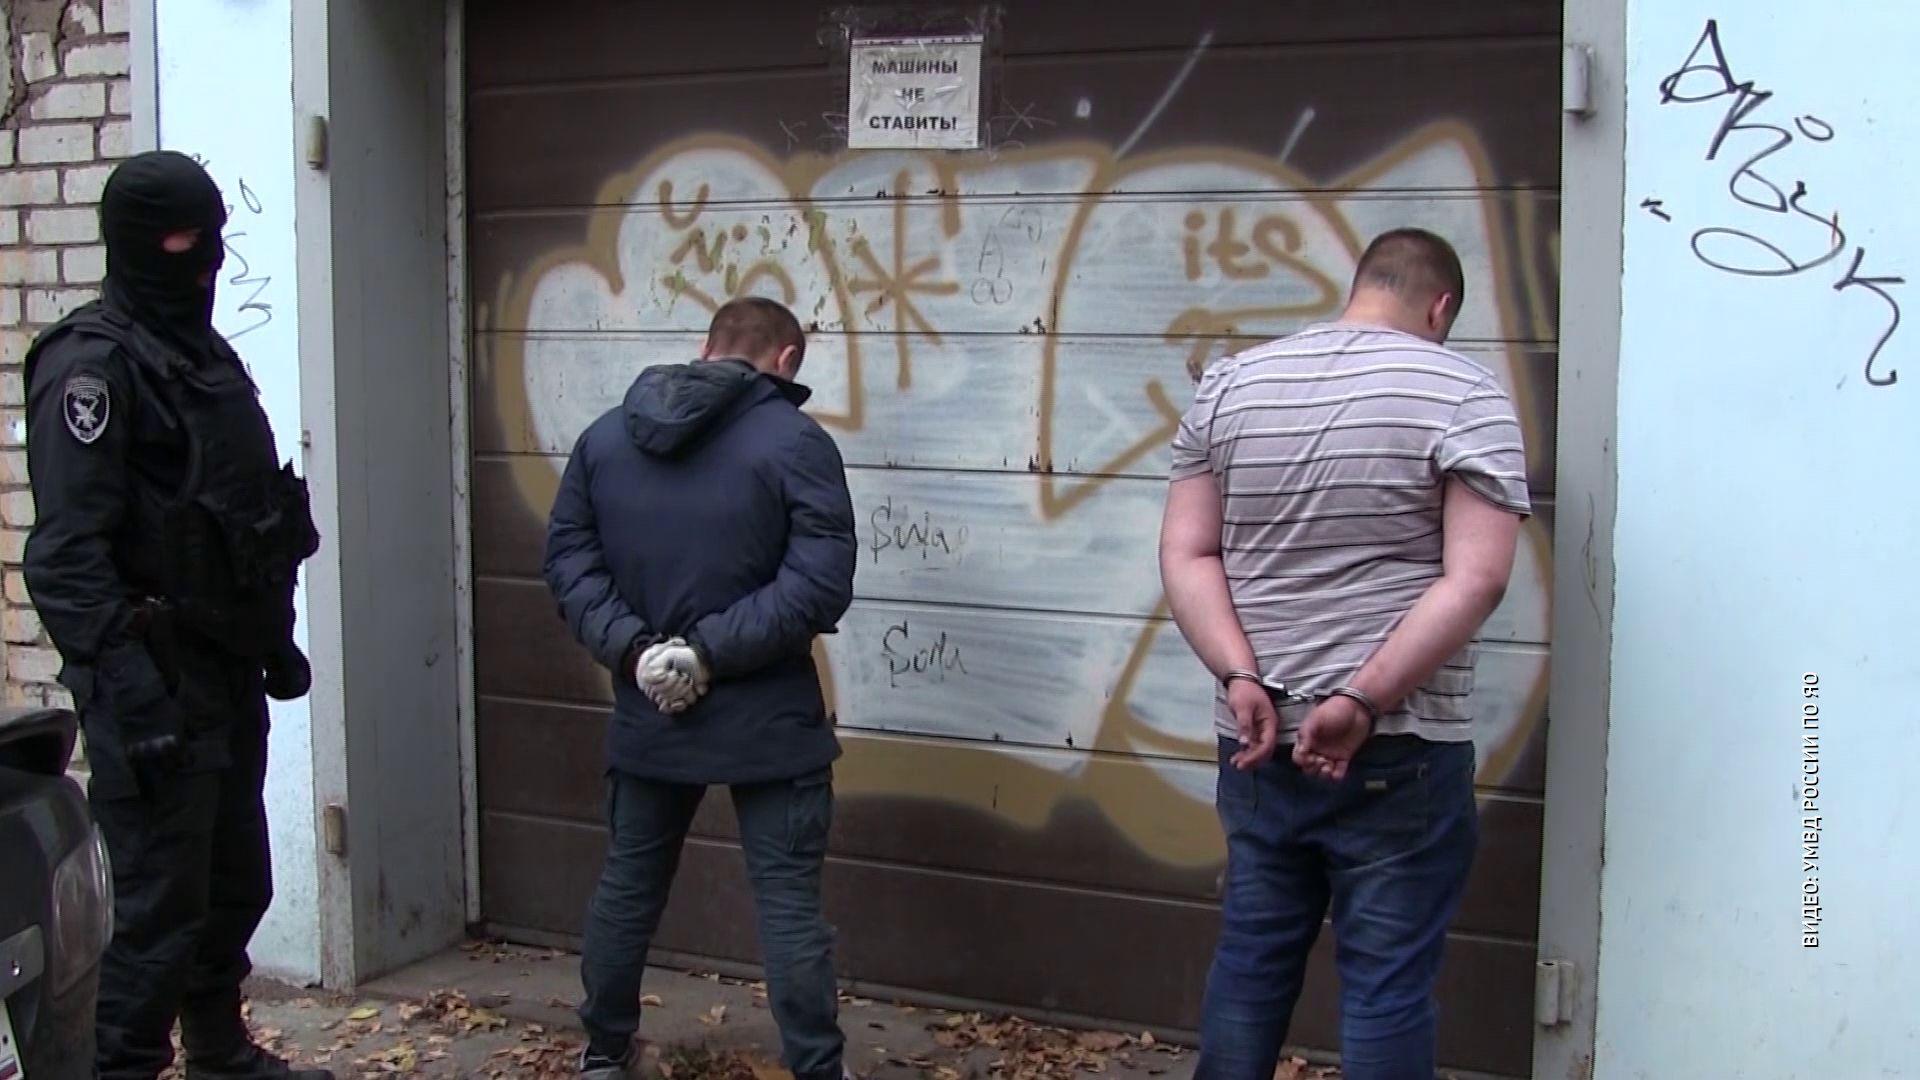 В Ярославле силовики задержали банду грабителей, которые ограбили офис микрозаймов